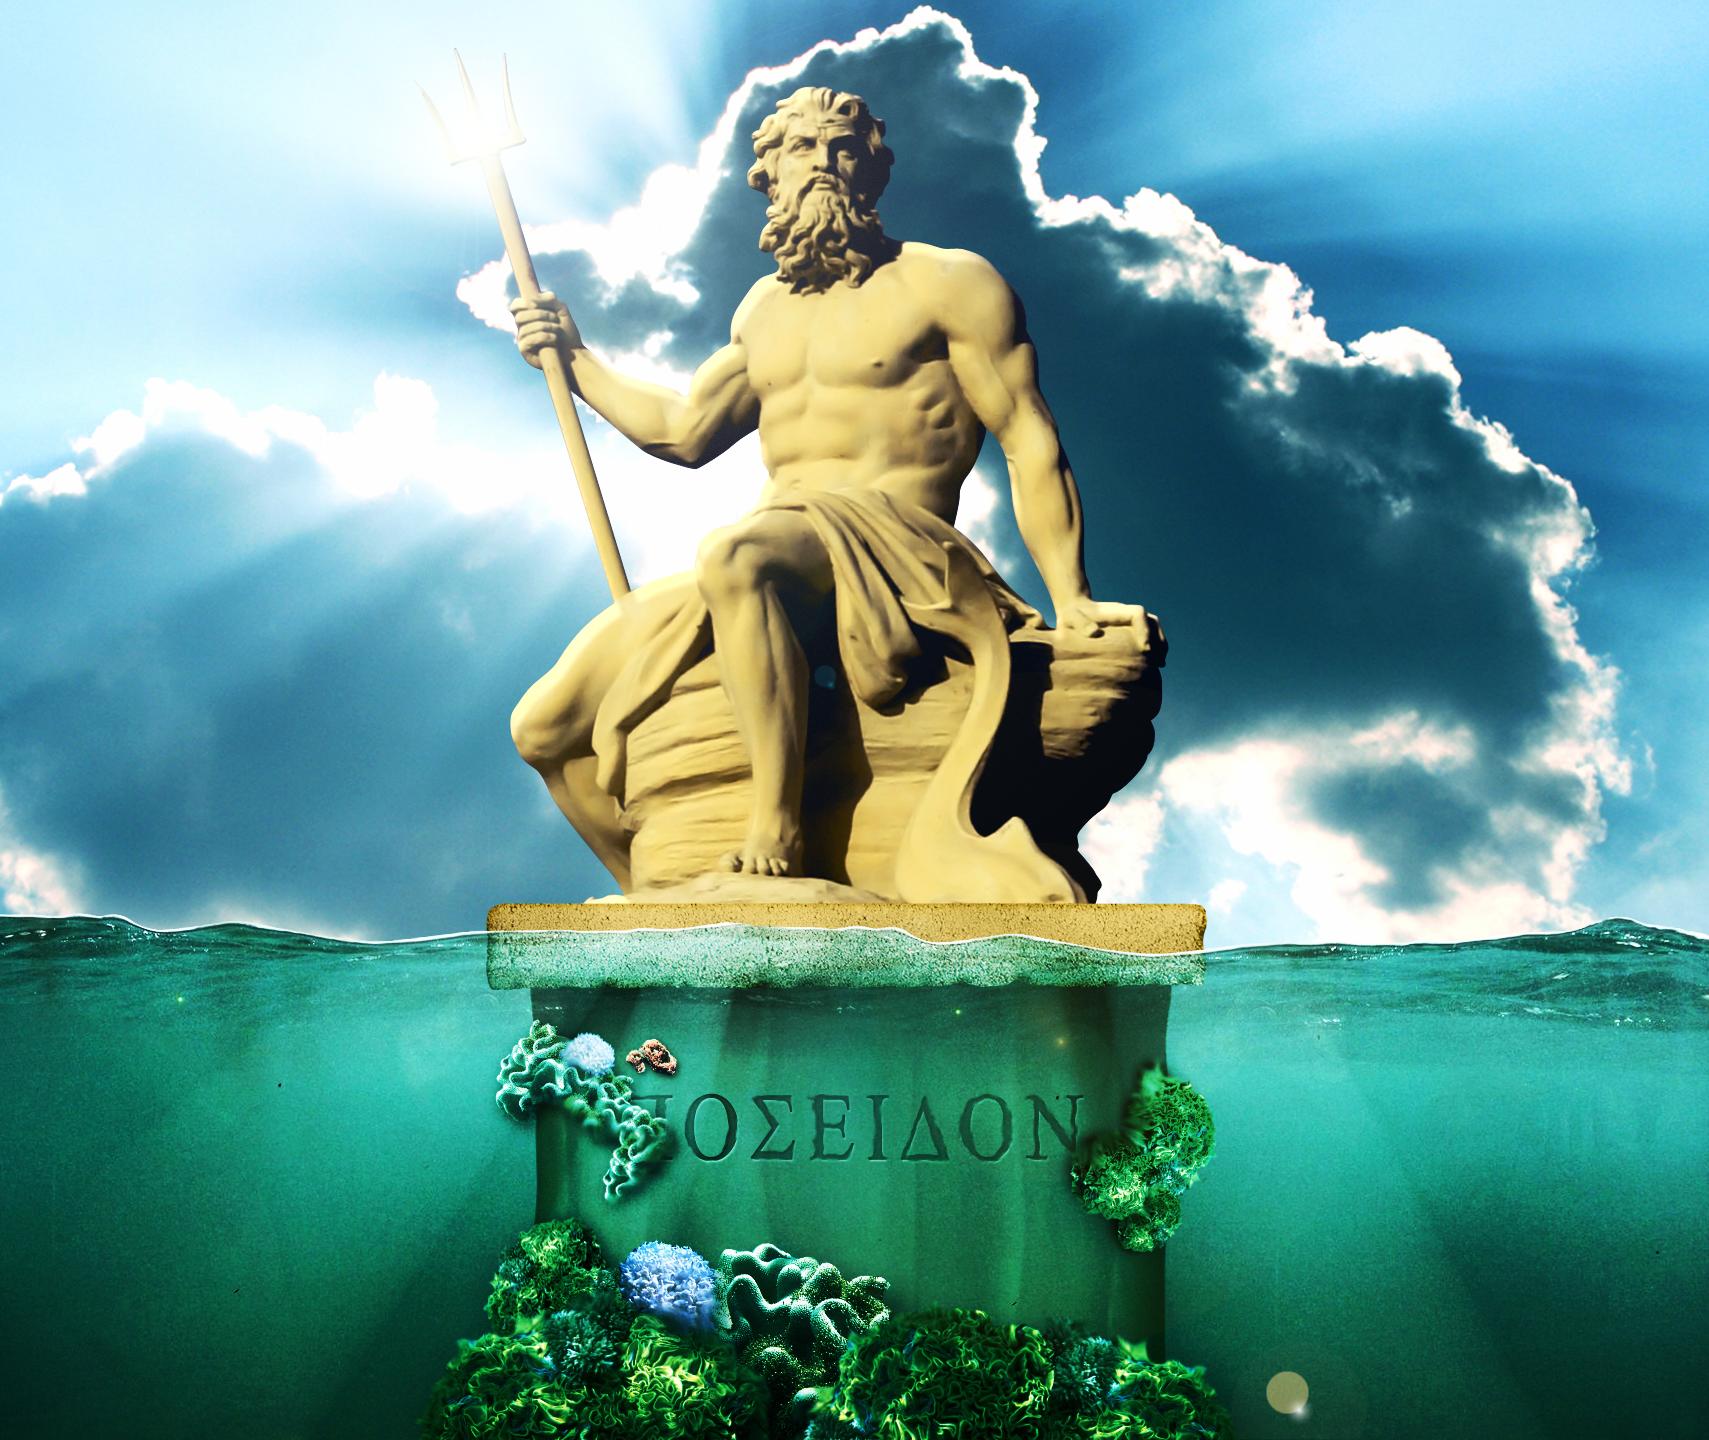 Poseidon By Icecold555 On Deviantart